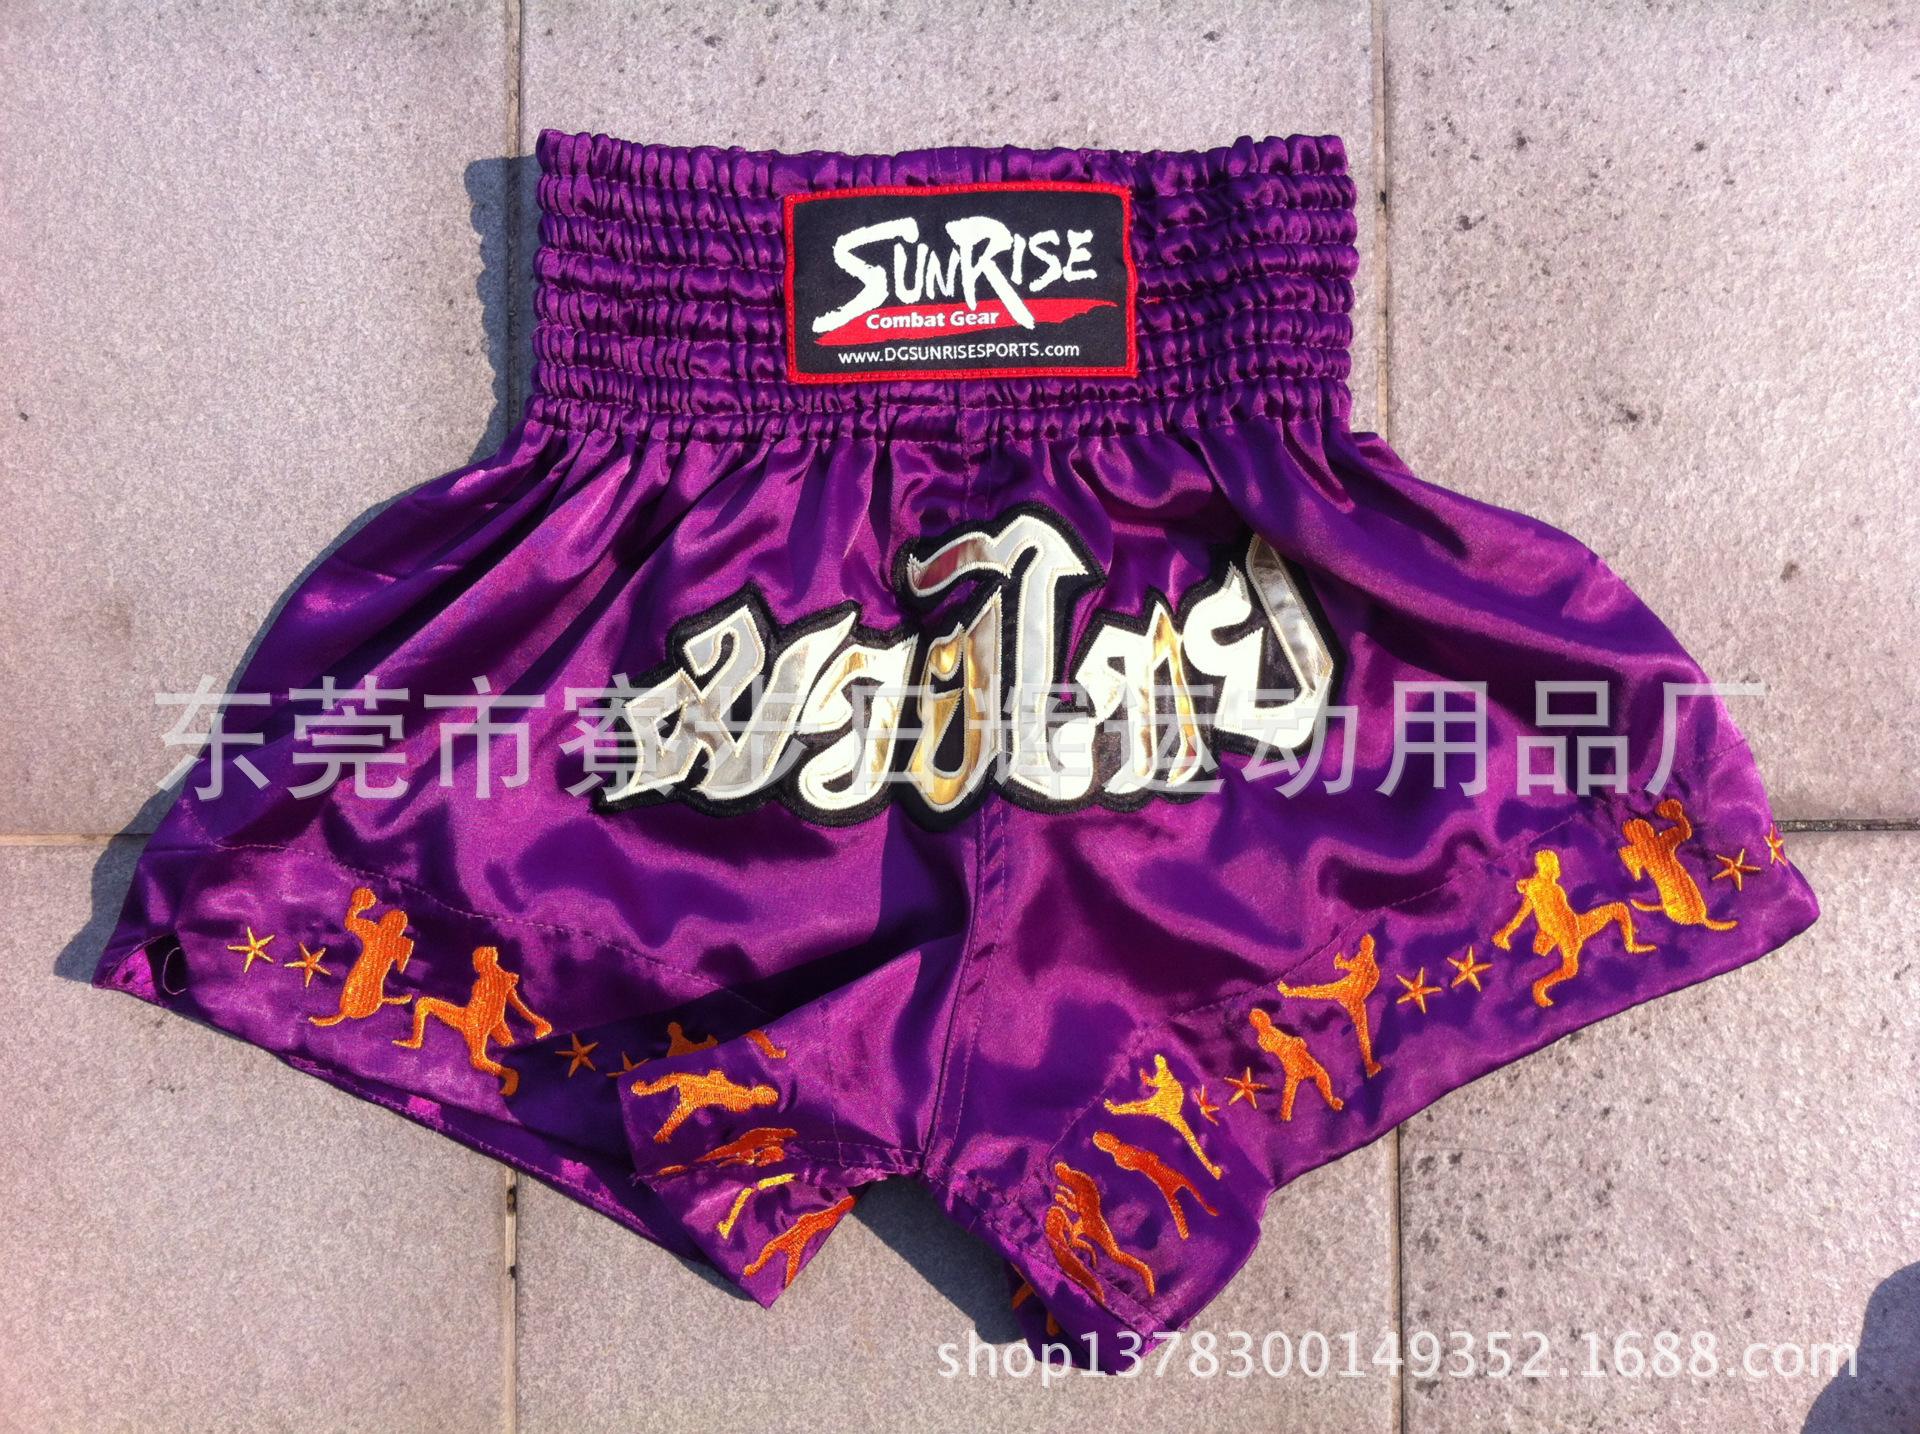 紫色新款泰拳短裤 格斗 UFC 训练散打服装 SunRise 运